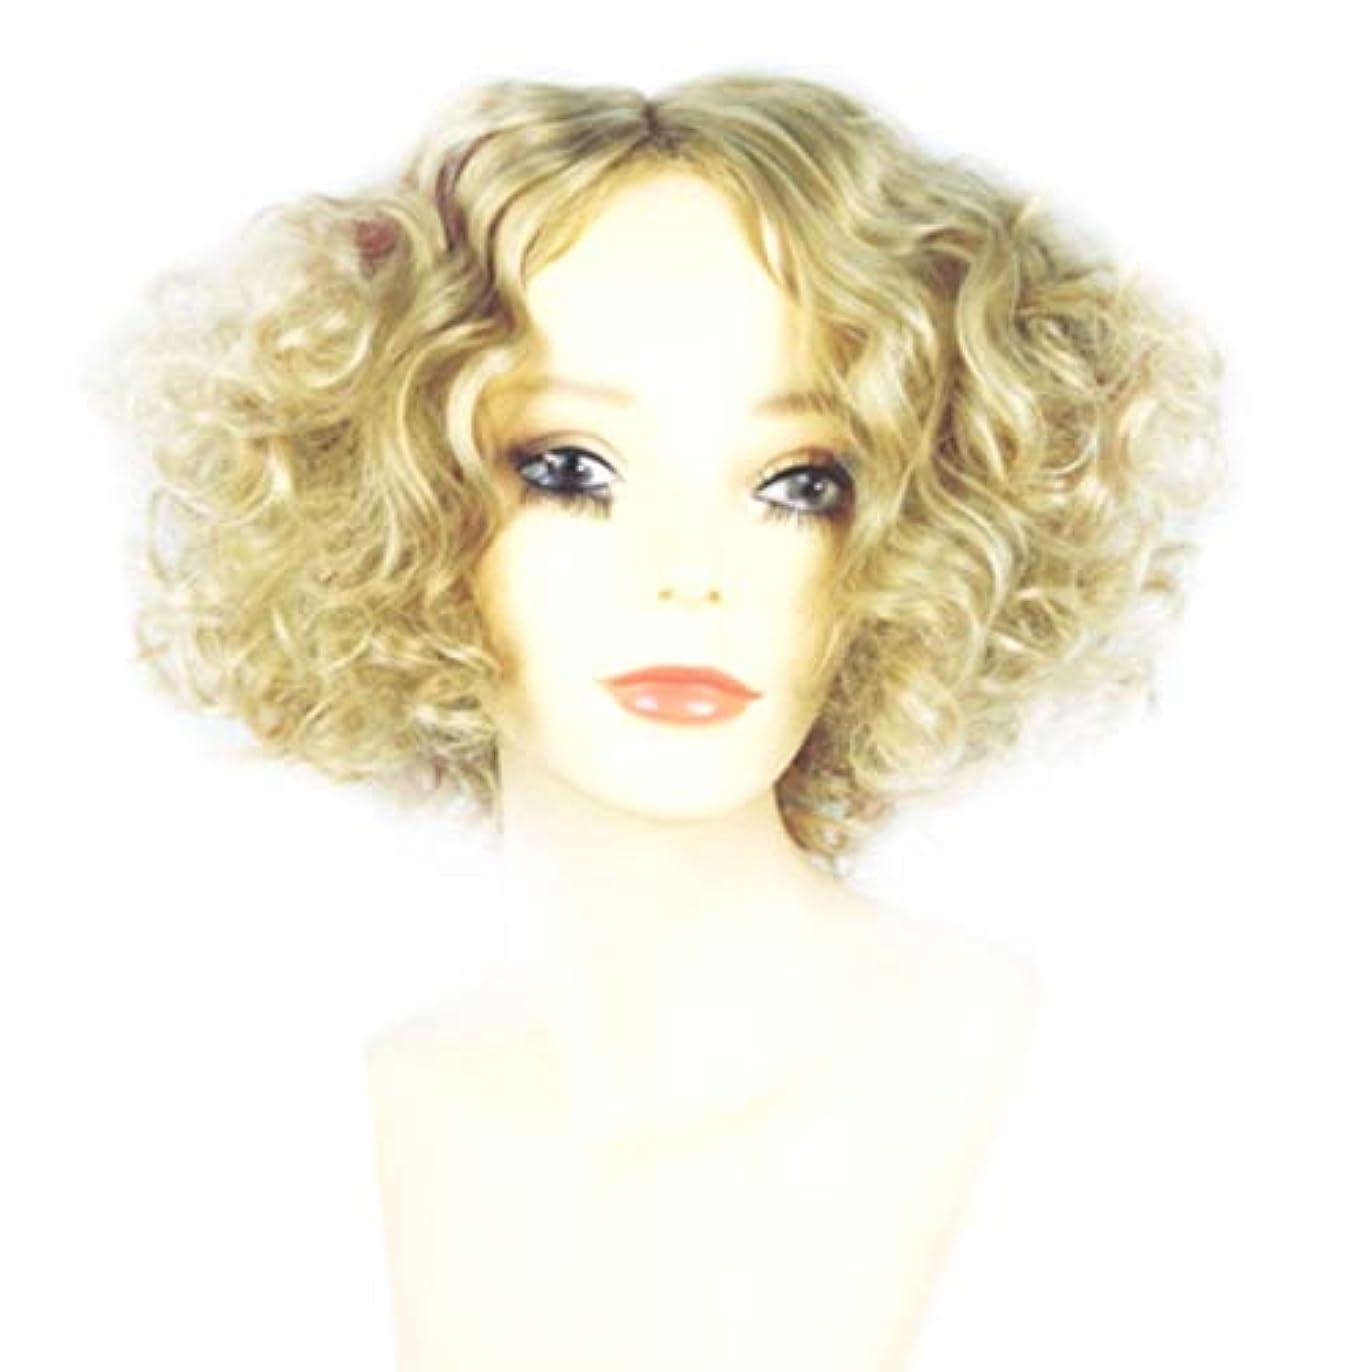 家事自動化公式Summerys 女性のための短い巻き毛のかつらブロンドのボブの髪かつら自然に見える耐熱合成かつら